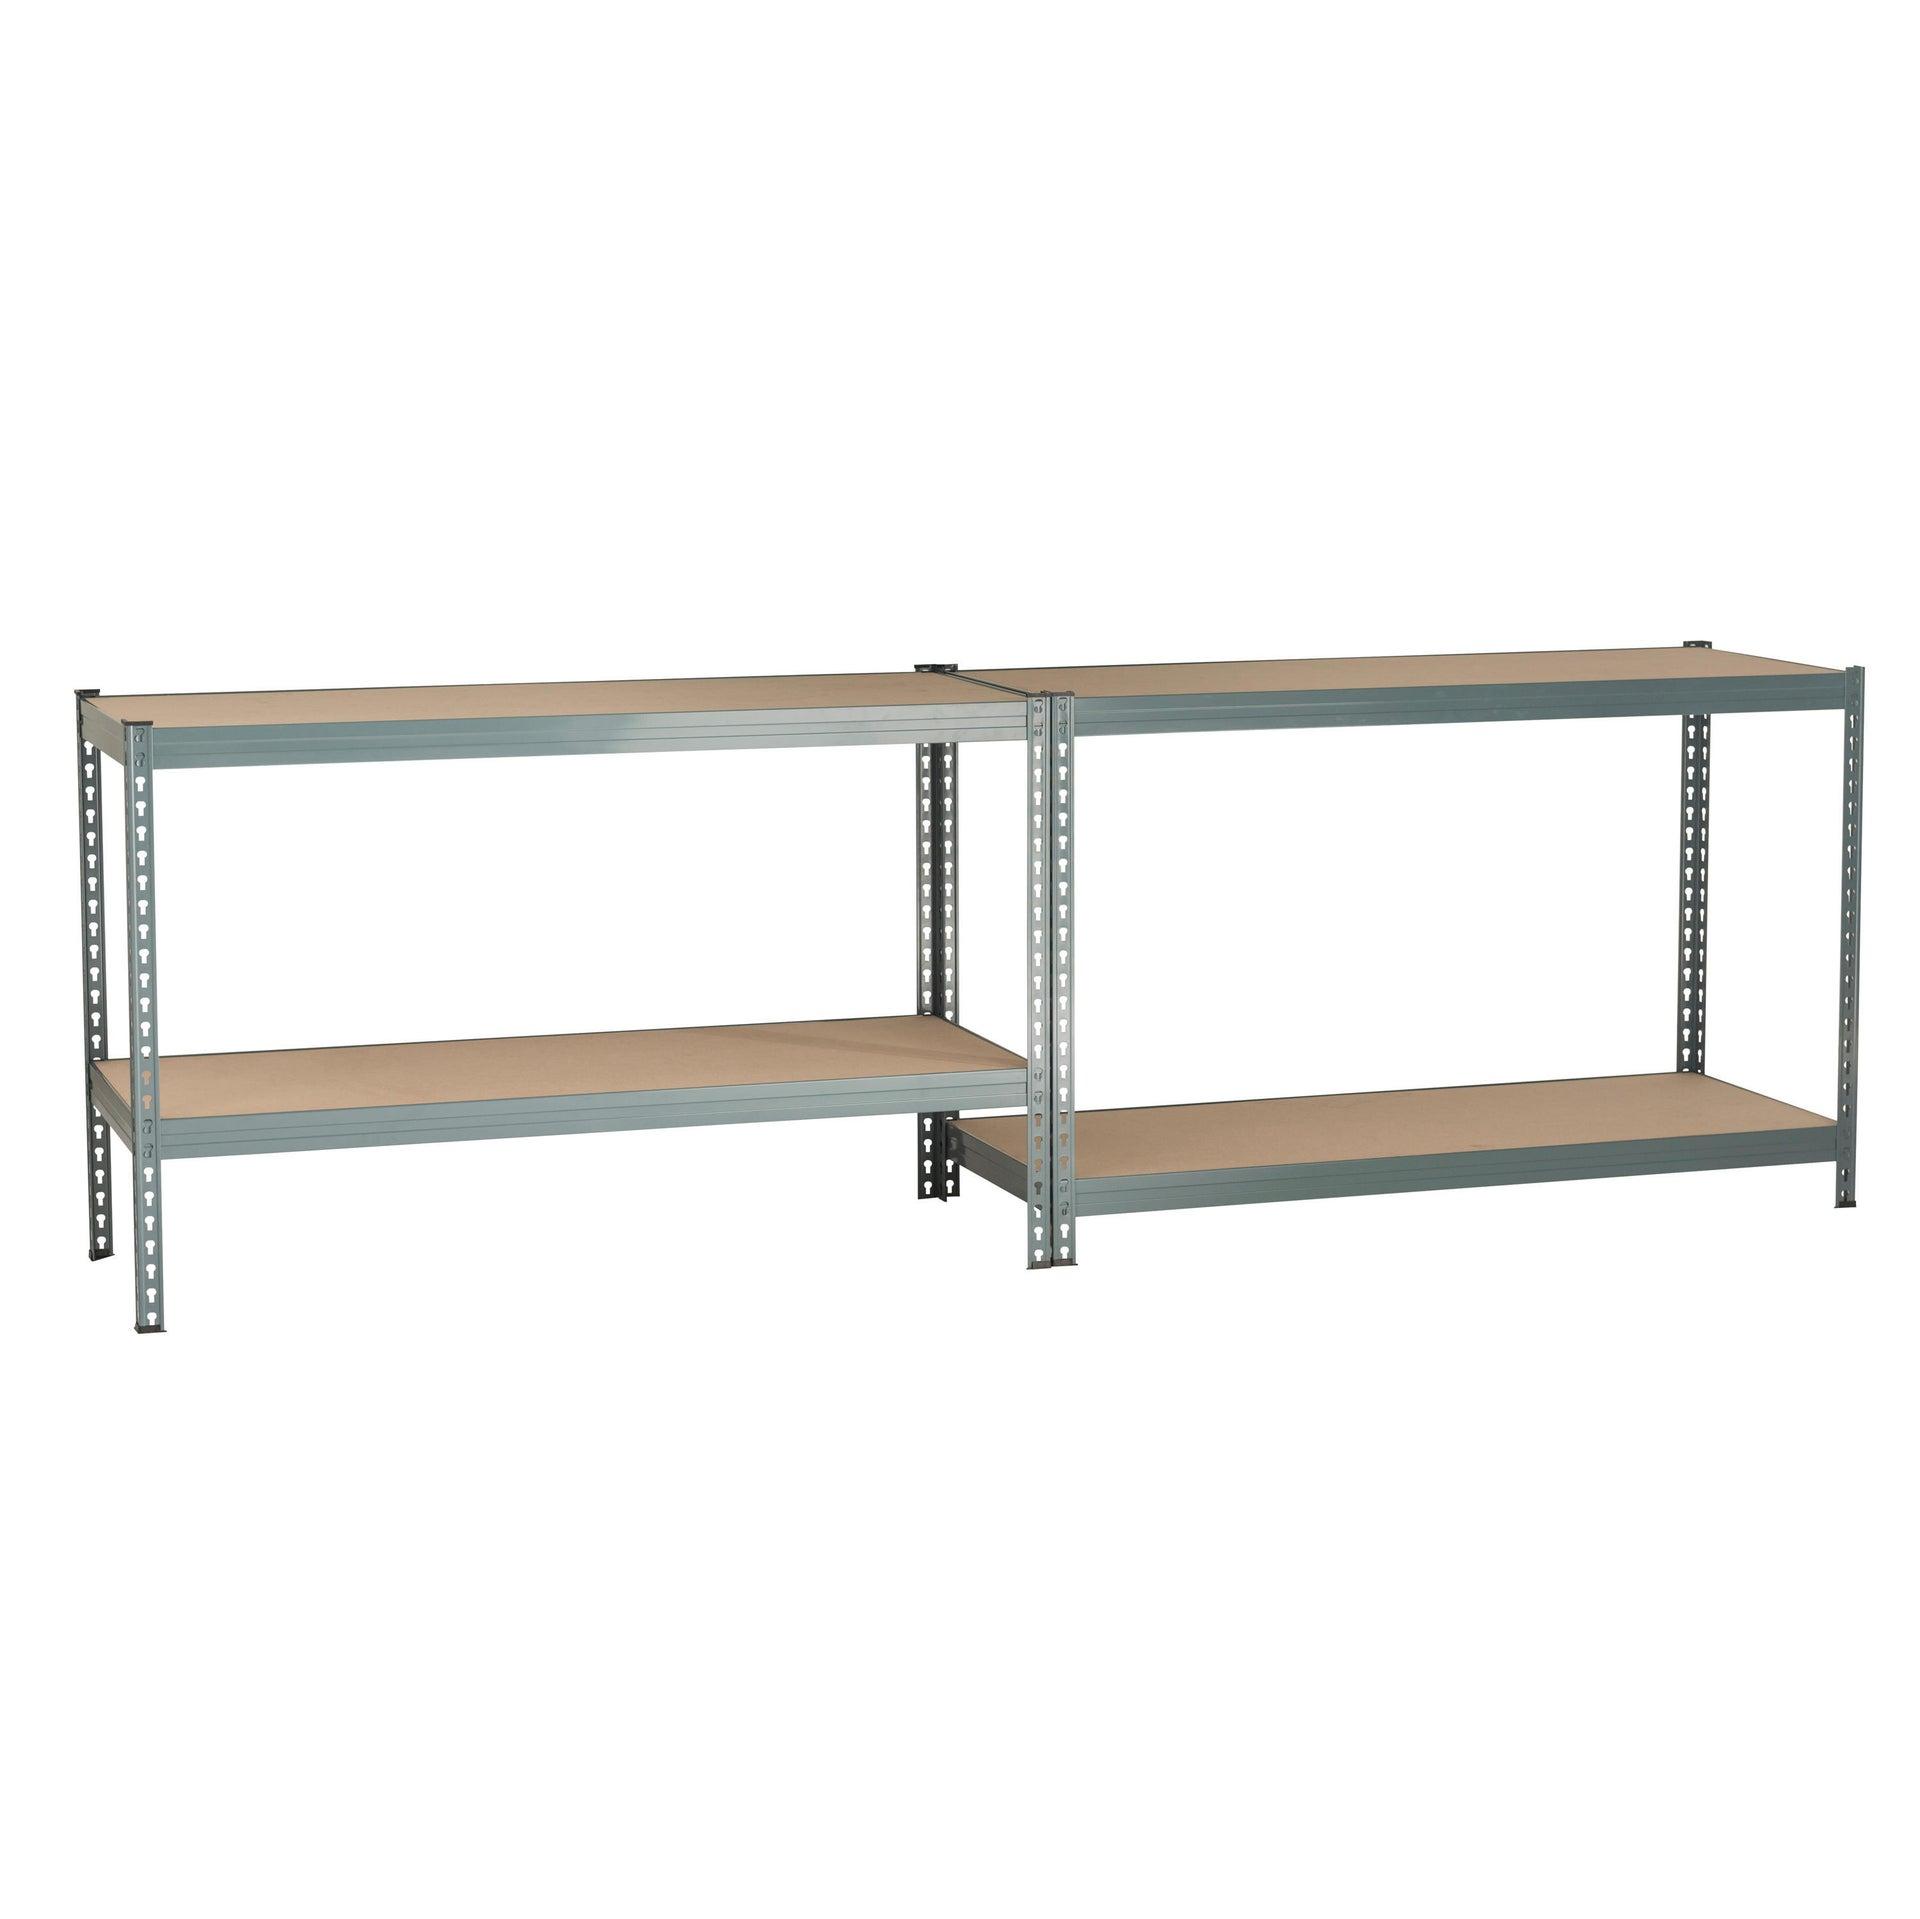 Scaffale in metallo in kit Spaceo L 150 x P 60 x H 190 cm grigio antracite - 9